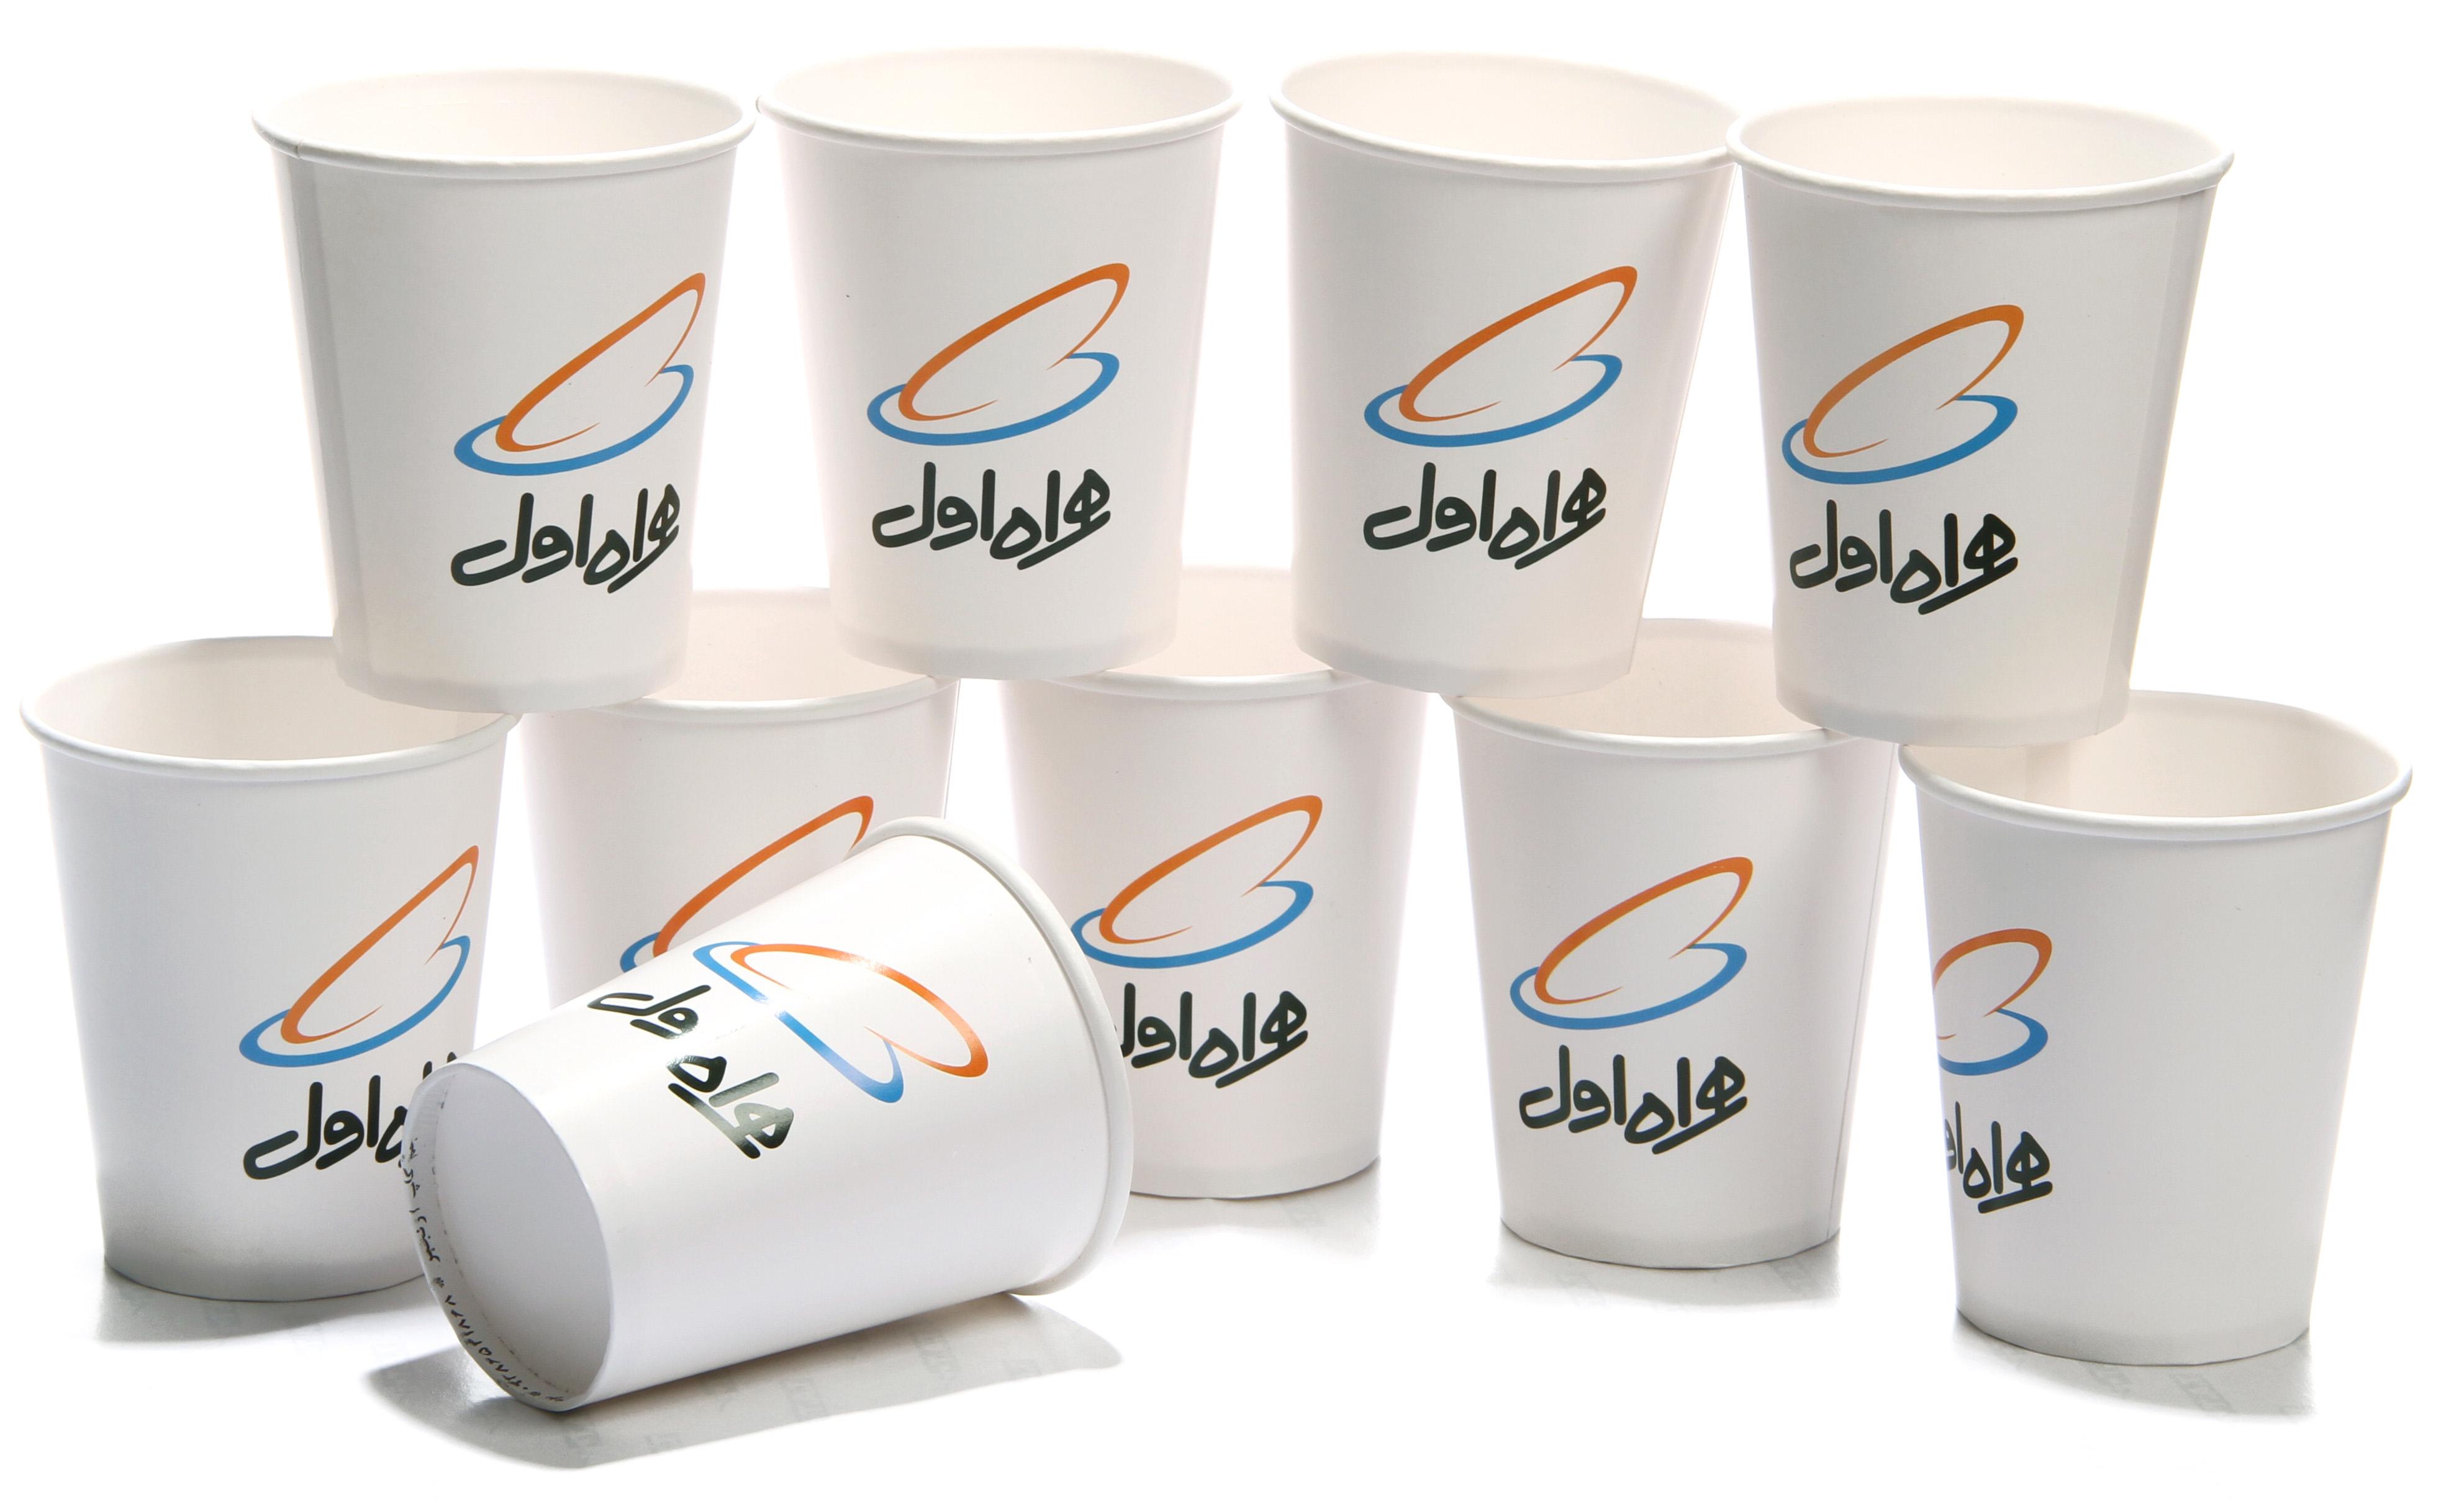 دمنوش های درمانی دکتر آیهان | مراکز فروش لیوان کاغذی یکبار - دمنوش ...... خرید لیوان کاغذی یکبار مصرف - لیوان کاغذیقیمت لیوان کاغذی با چاپ .